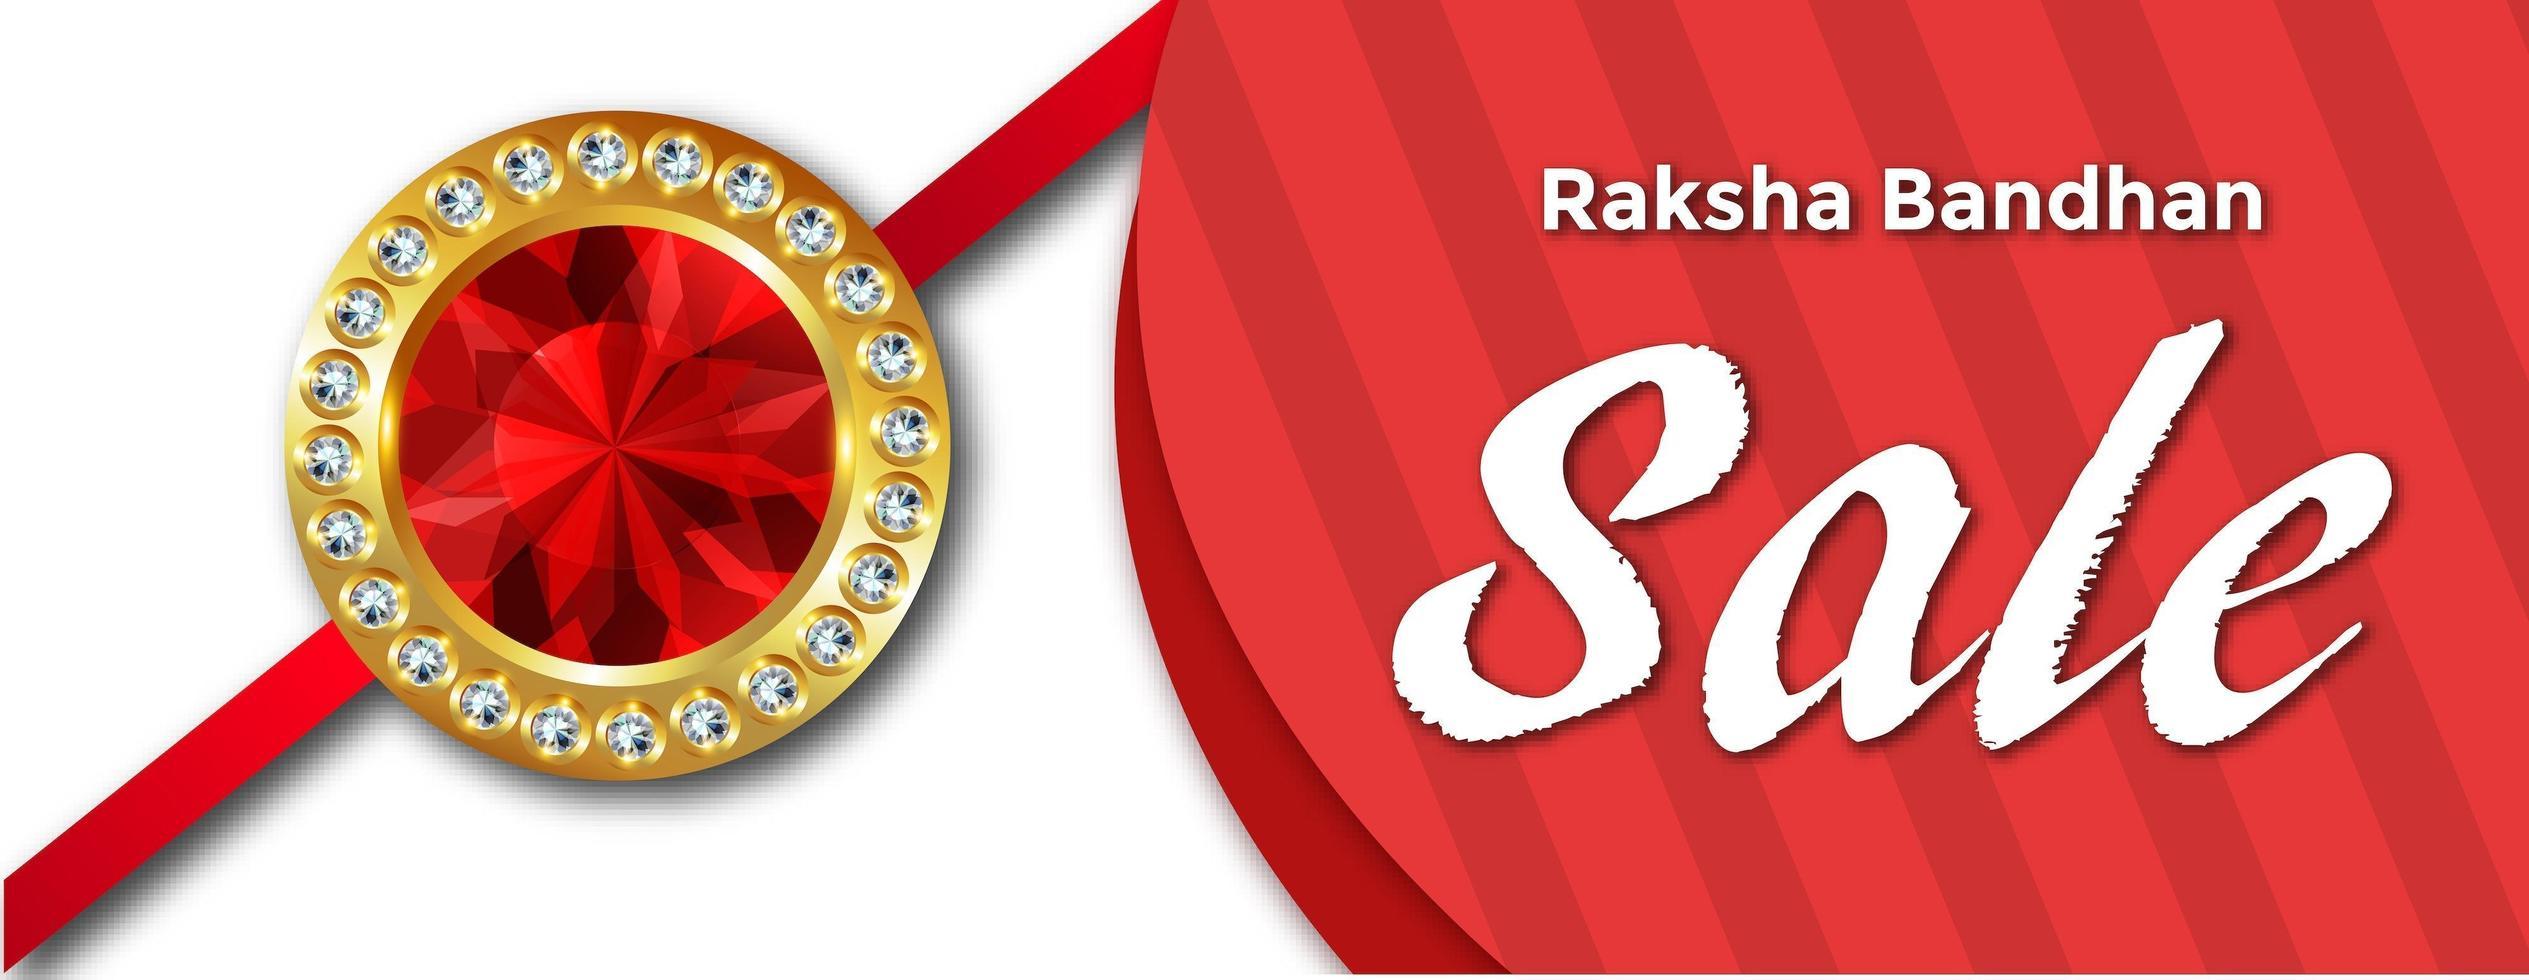 Happy Raksha Bandhan verkoopbanner vector